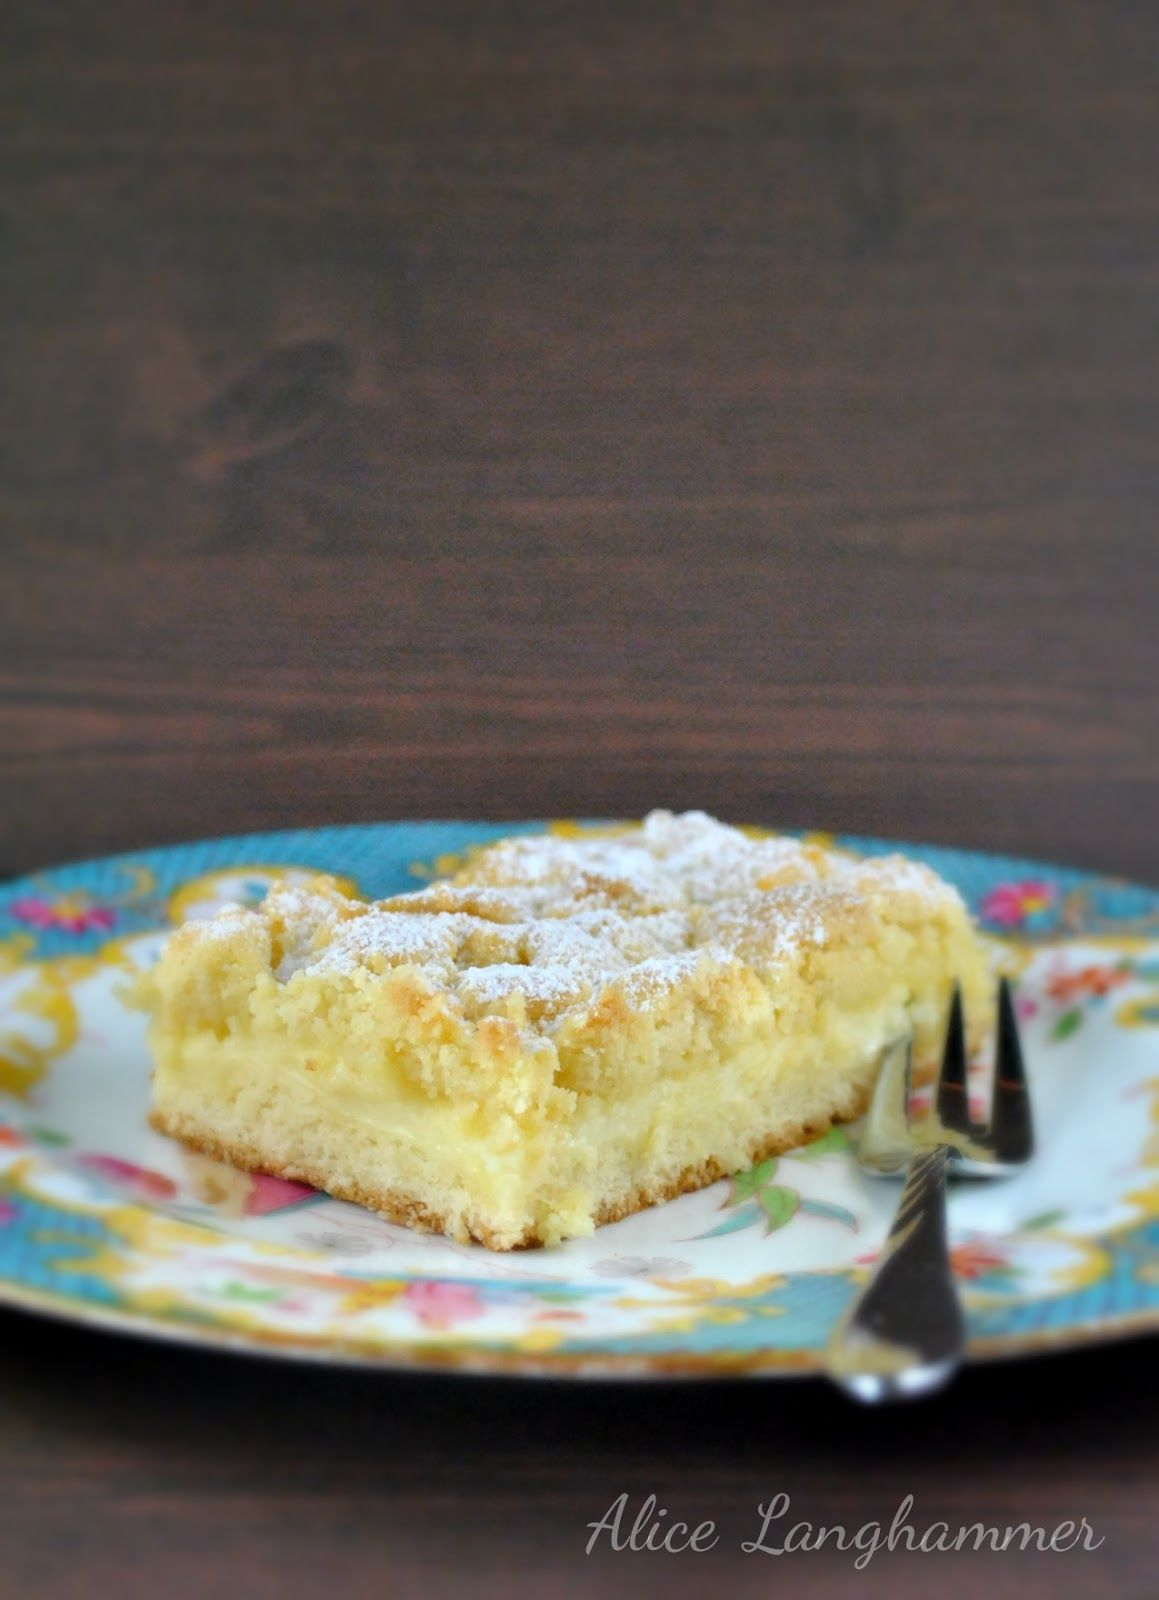 Alice Im Kulinarischen Wunderland Zwee Stick Gfillten Streissel